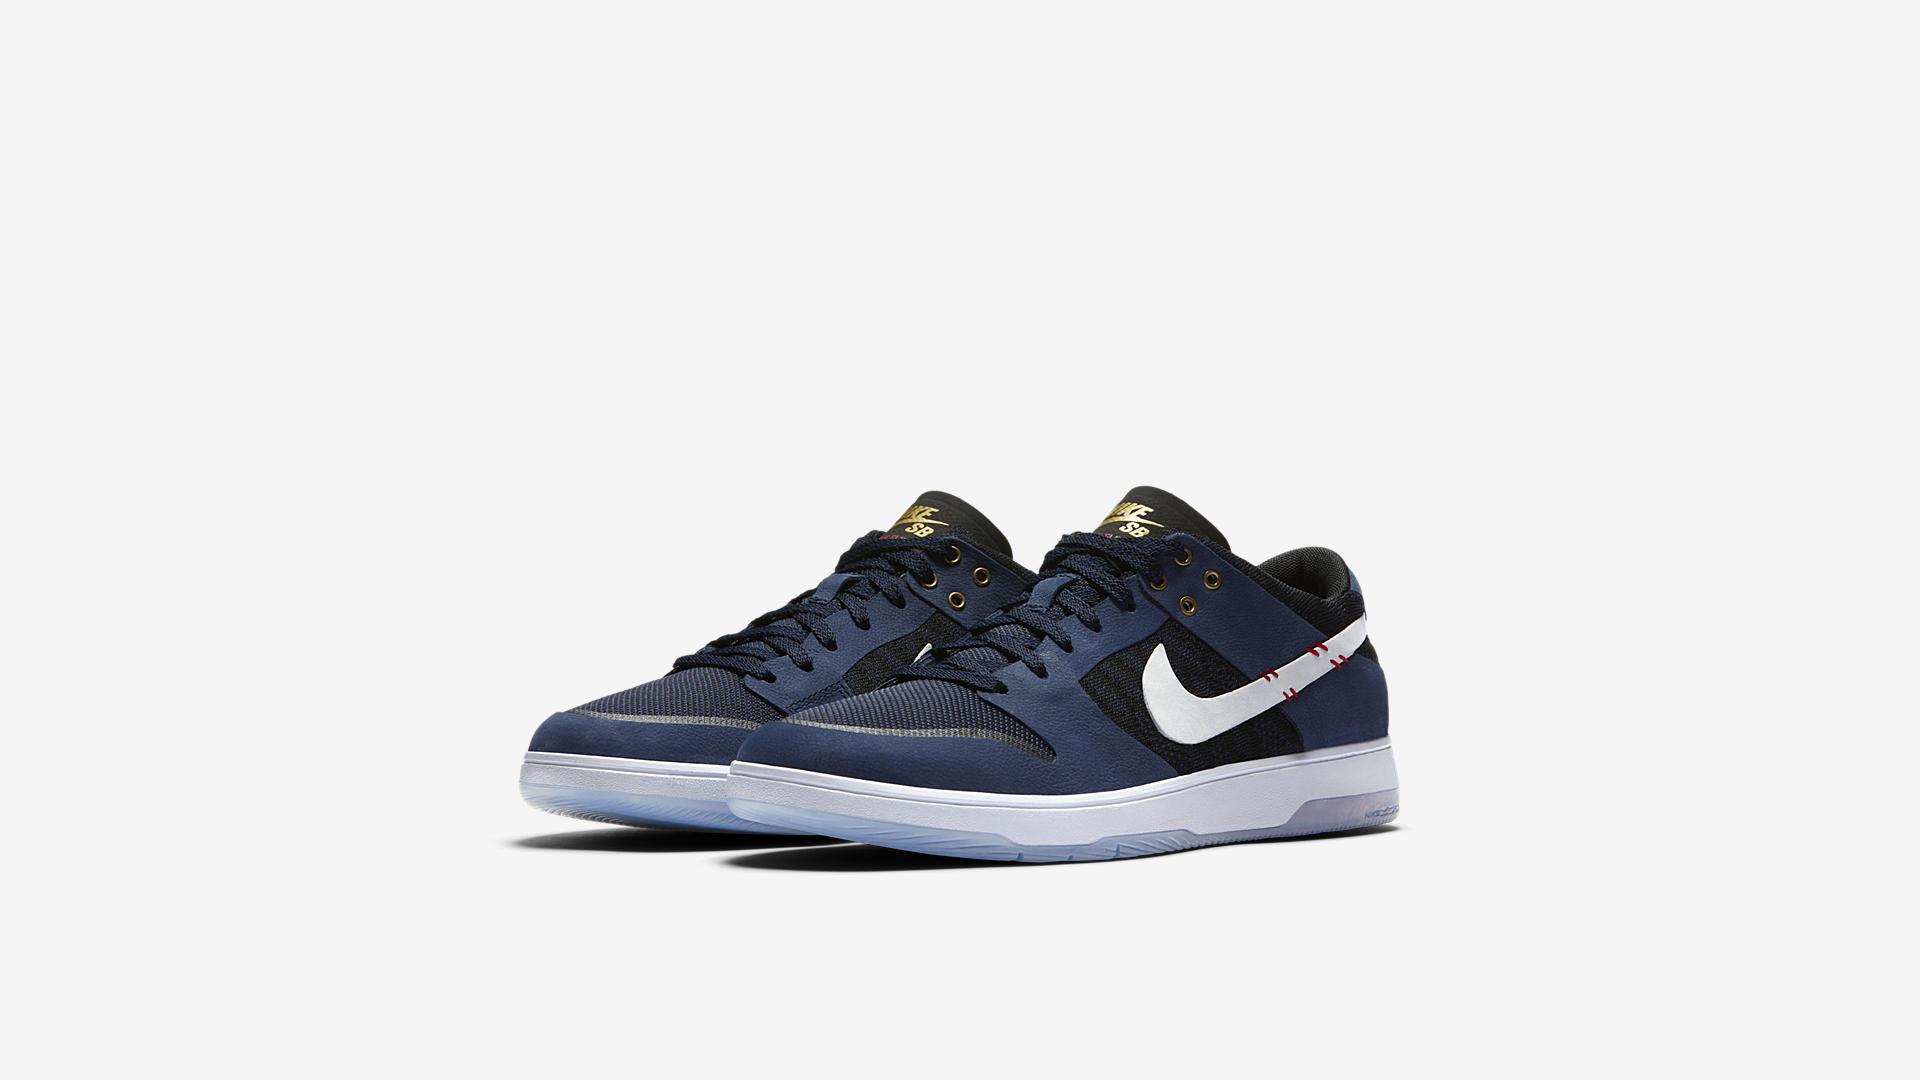 Nike SB Dunk Elite Sean Malto 5